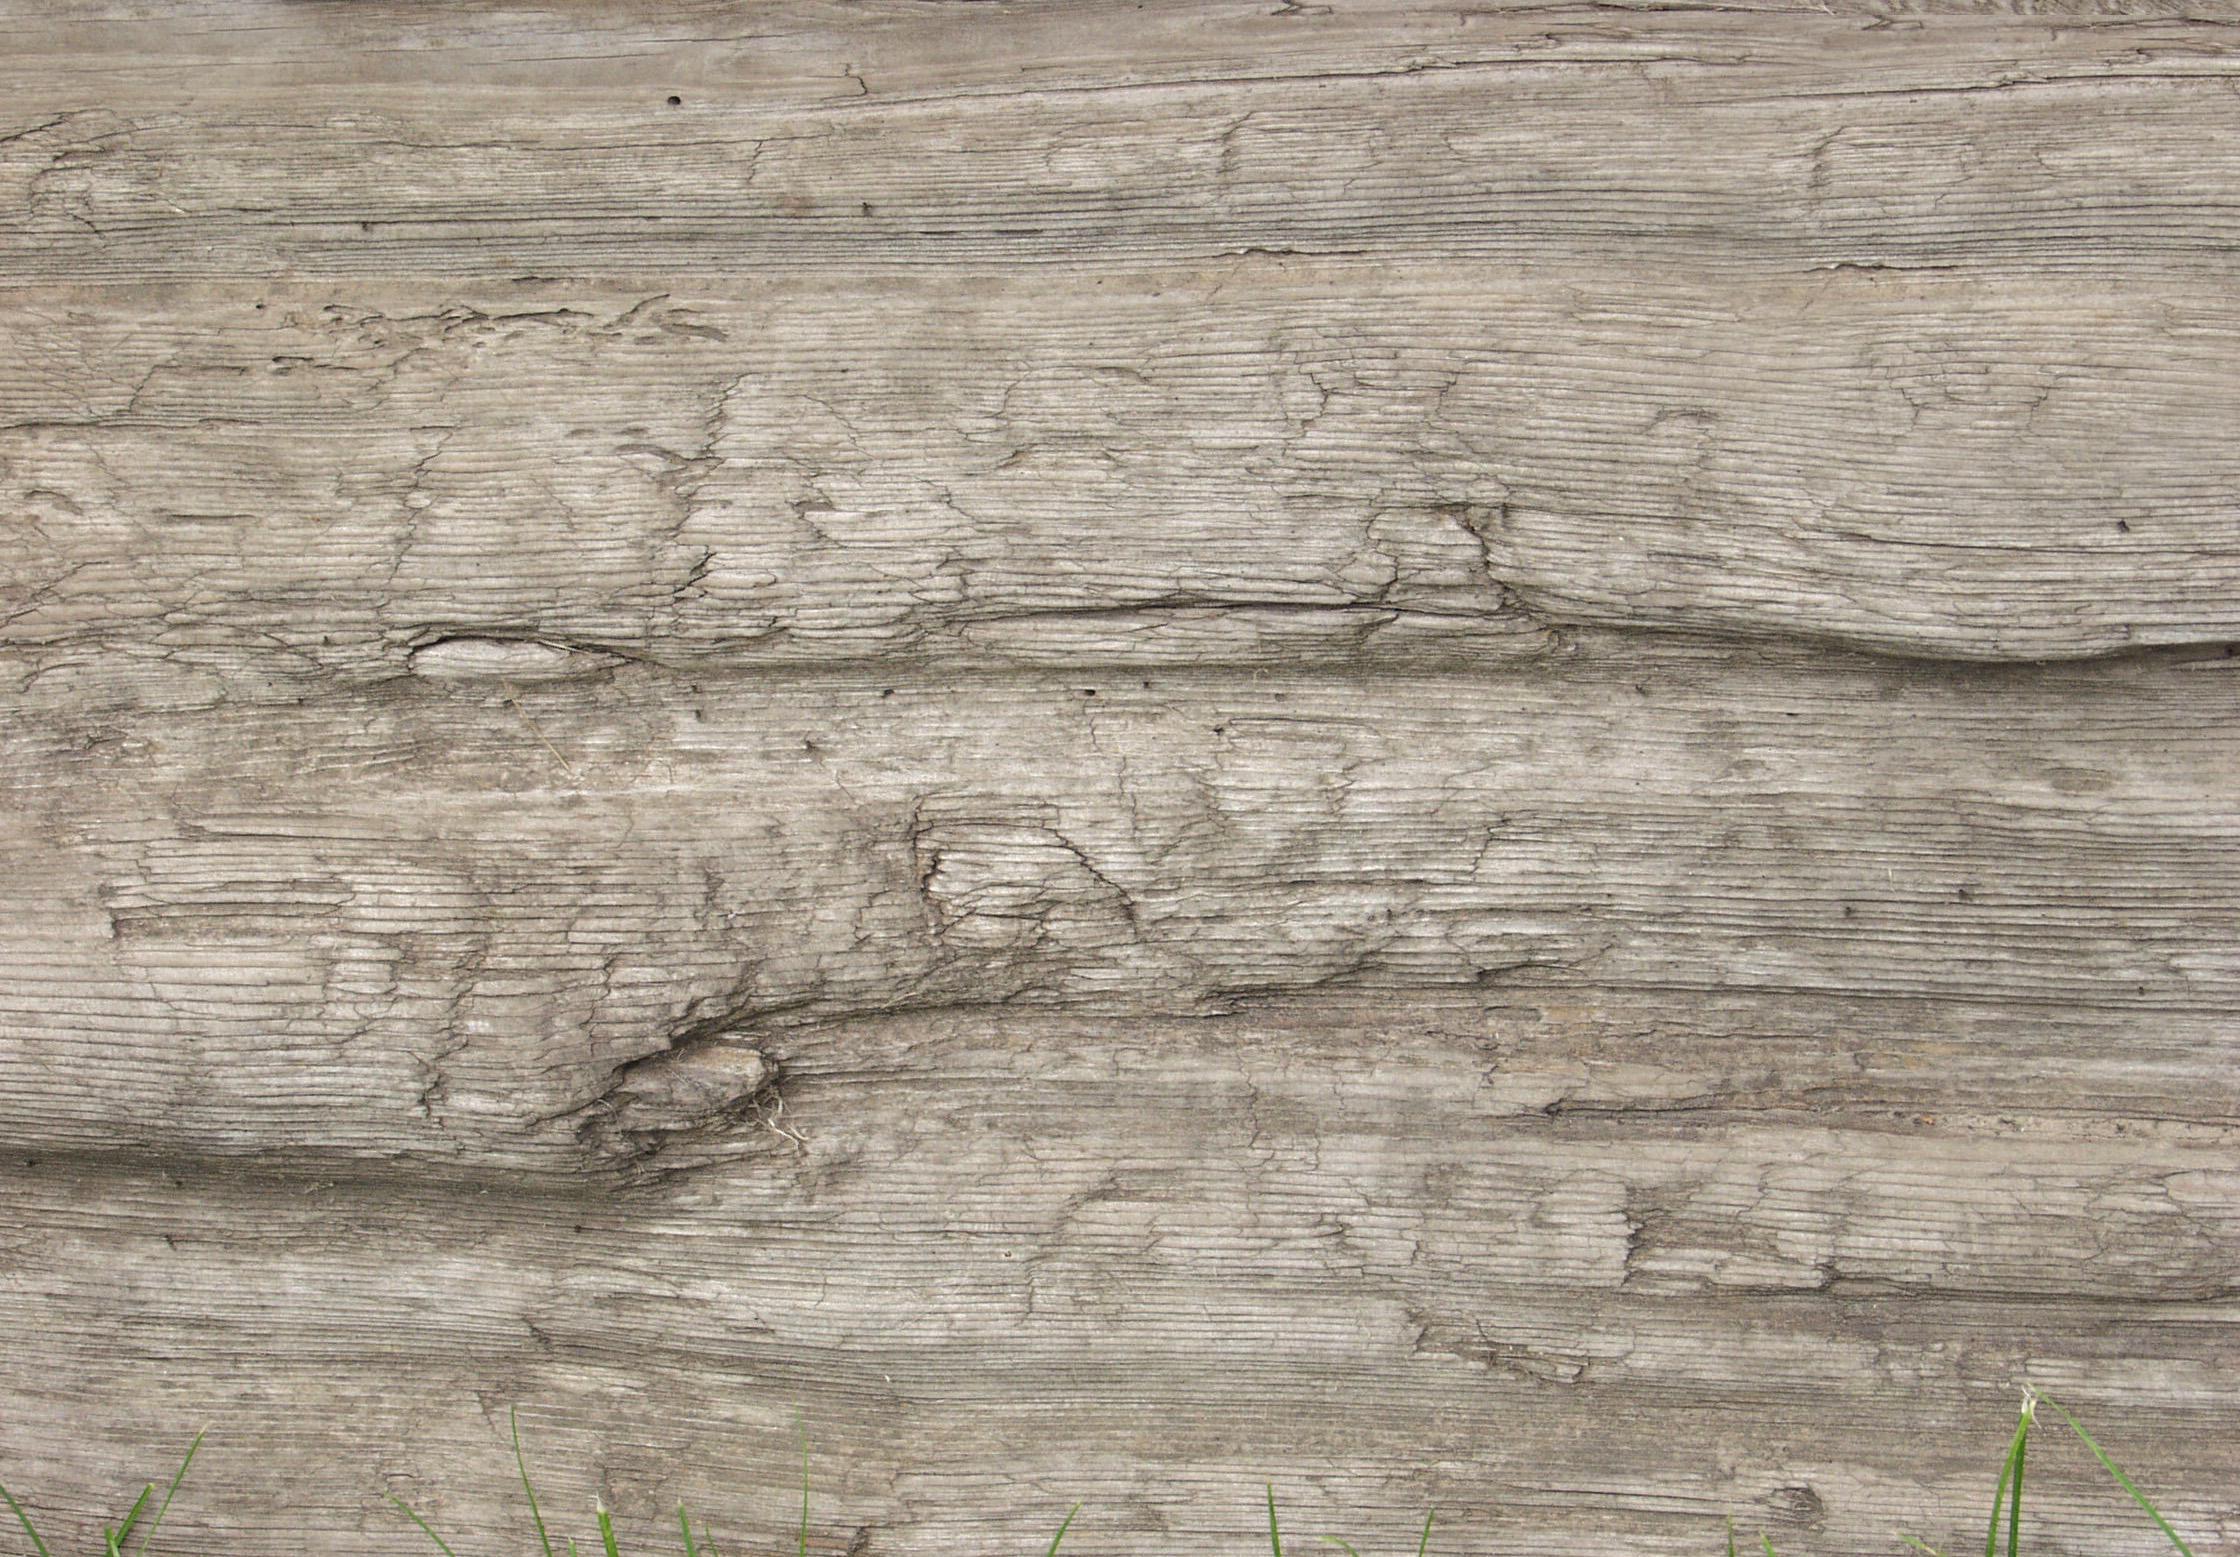 木材-残旧木(79)